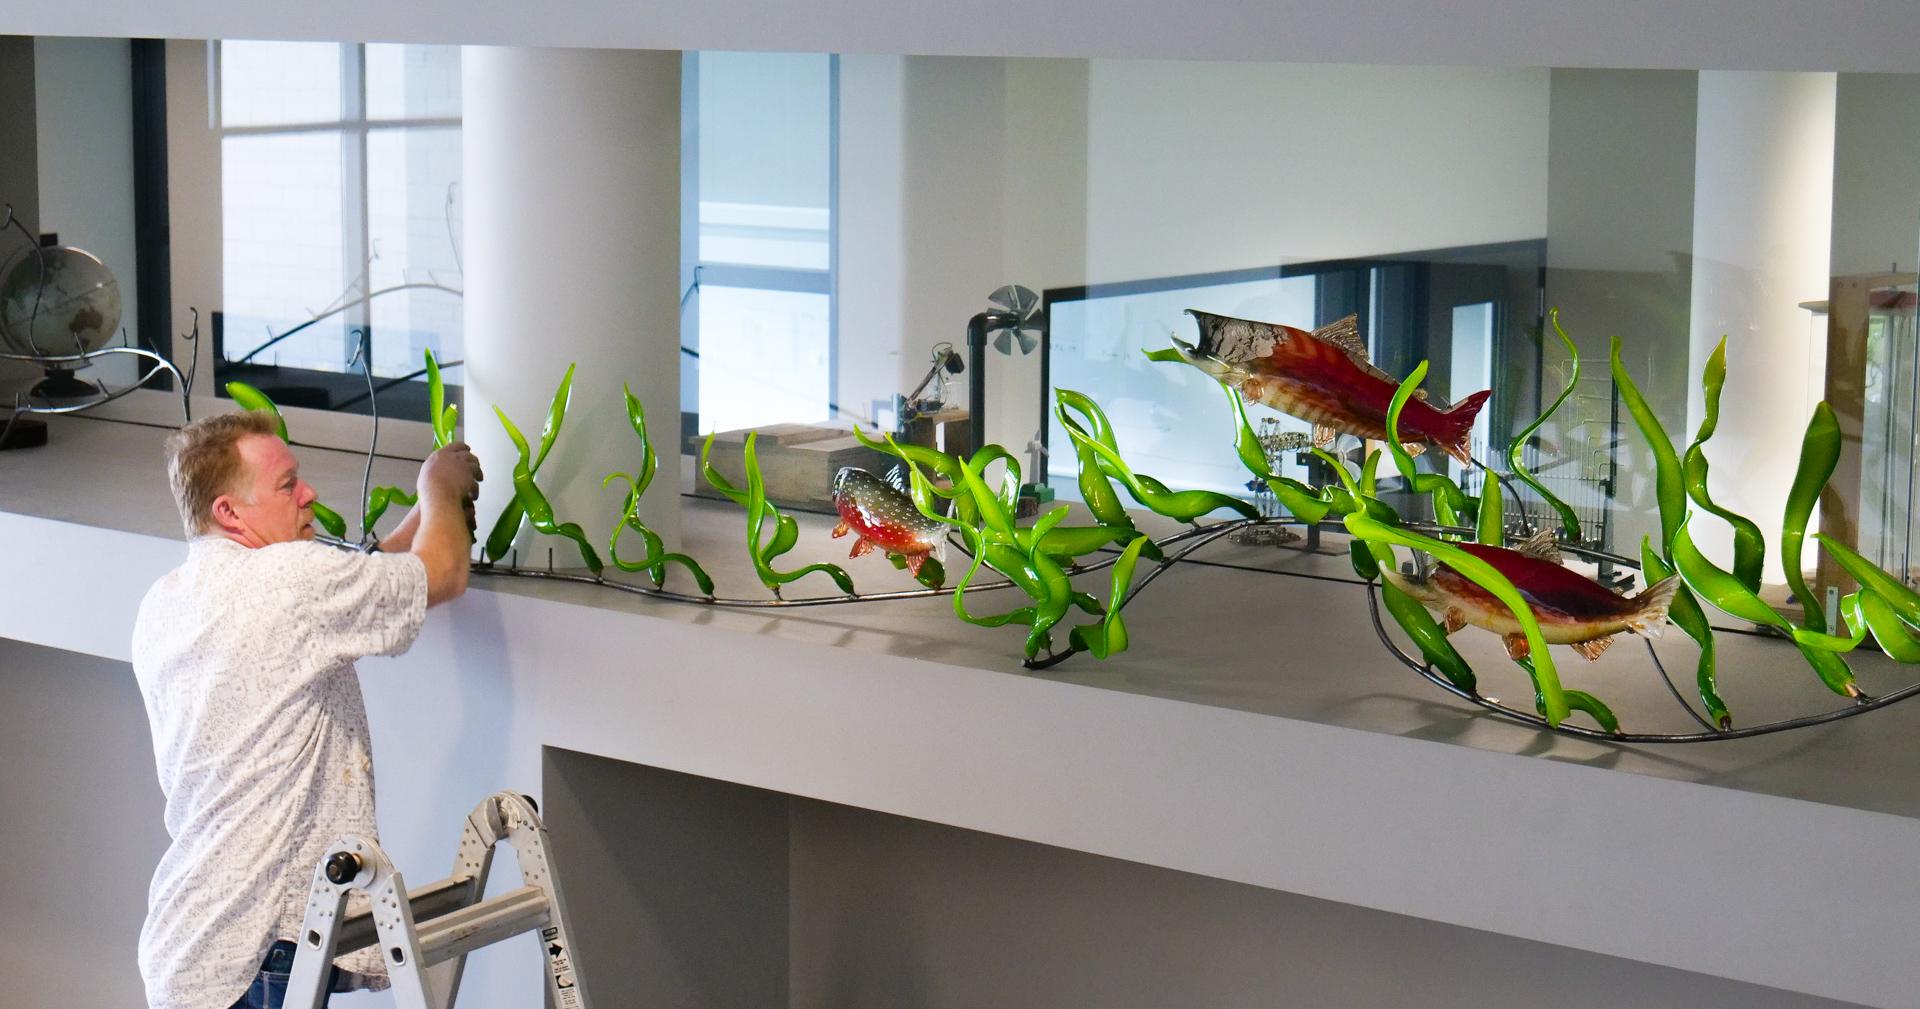 Nichols Art Glass College Instillation -1.jpg